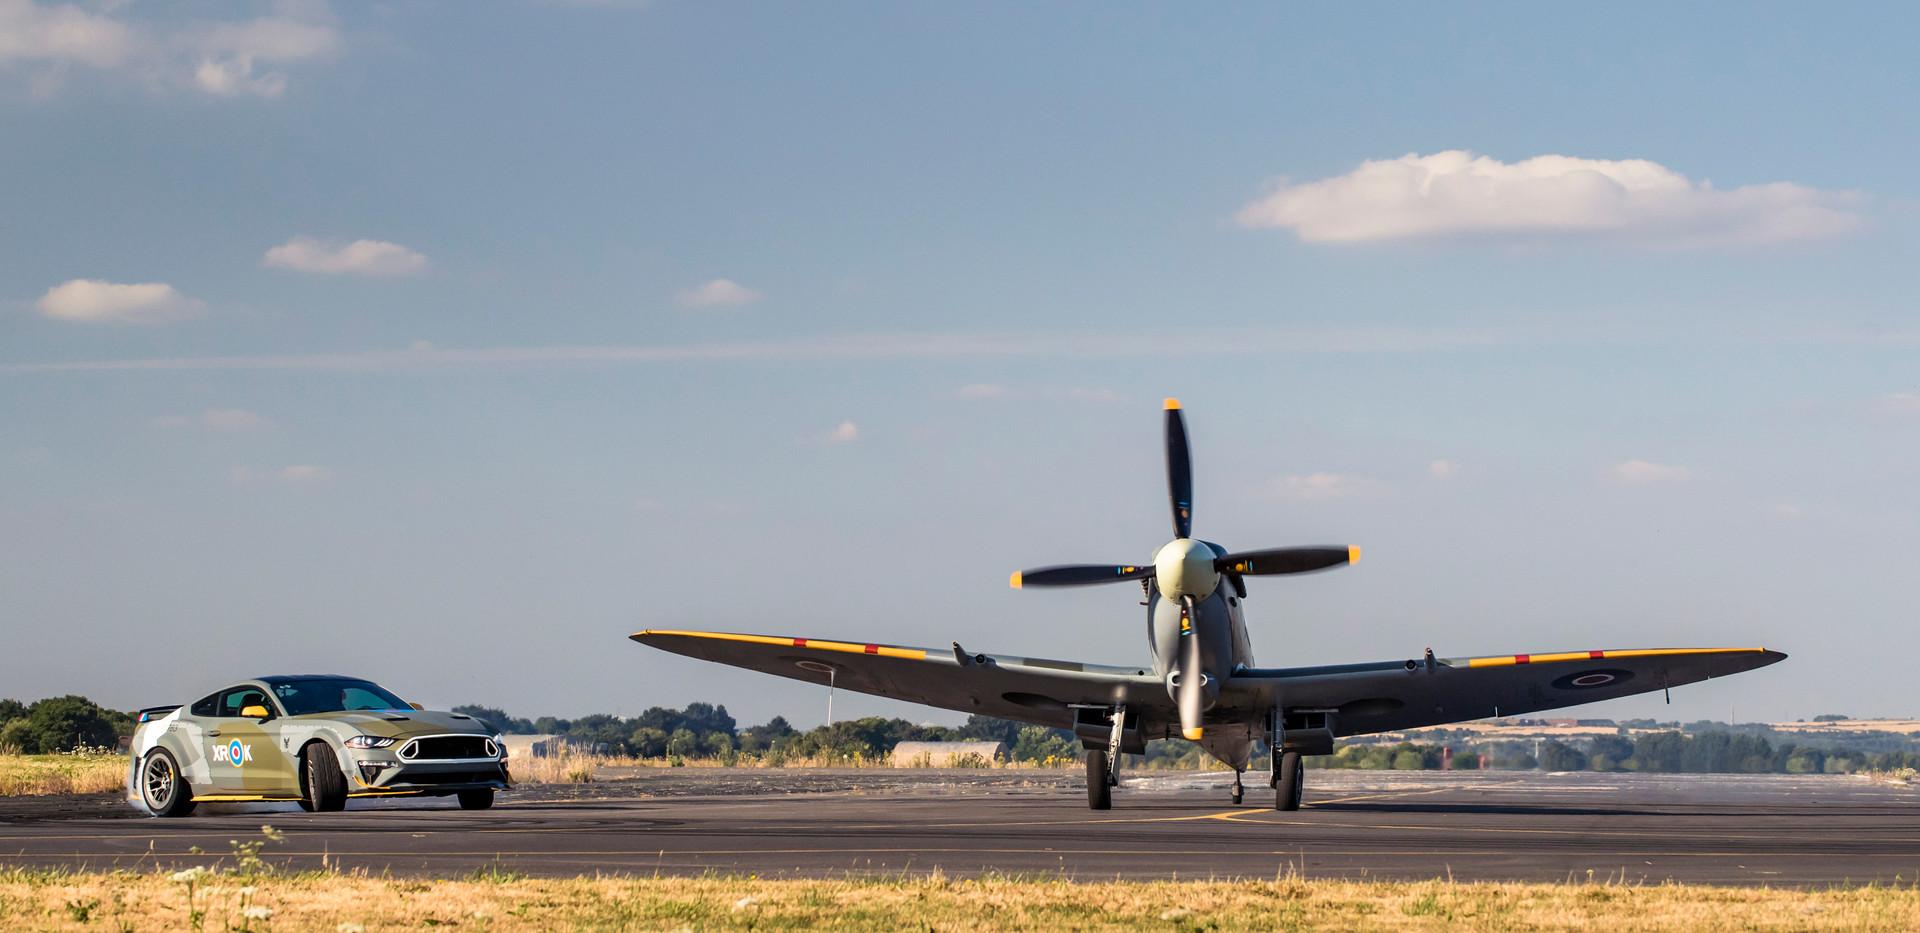 1153_DG_Mustang_Spitfire.jpg